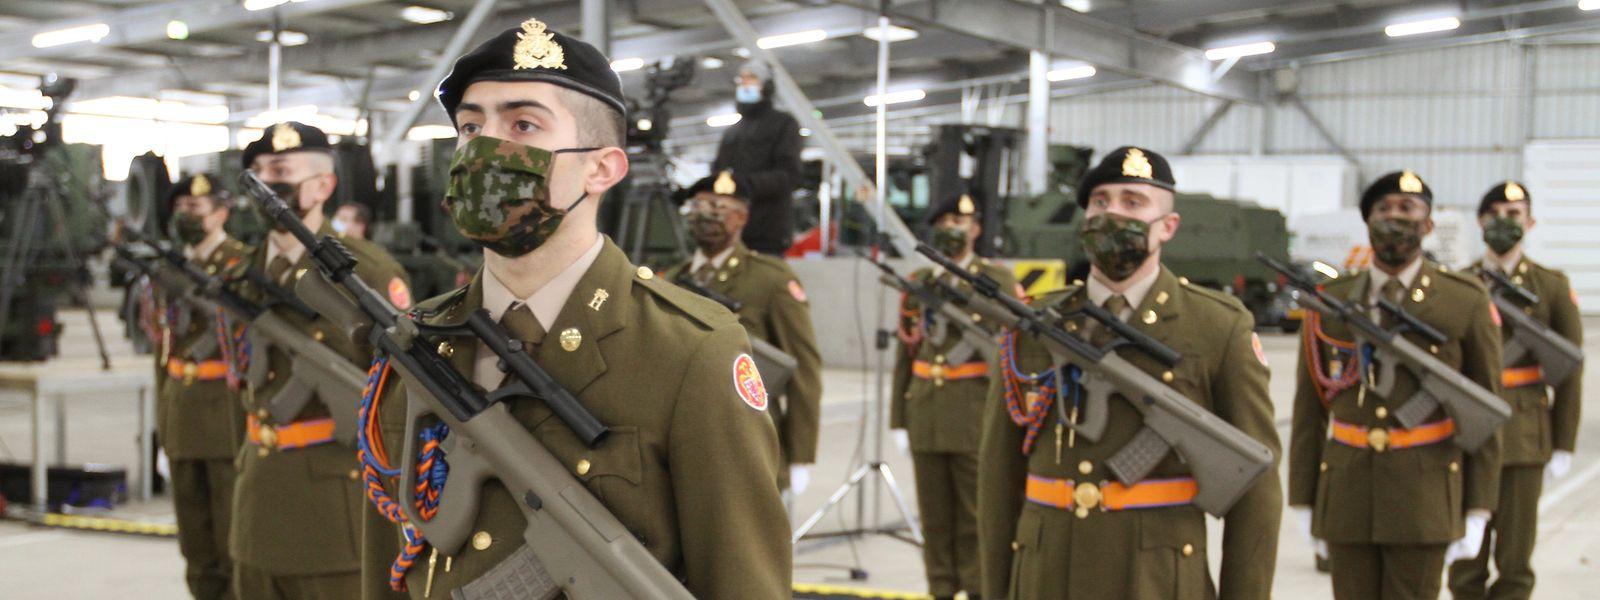 Die parlamentarische Verteidigungskommission soll künftig in regelmäßigen Abständen über die Auslandseinsätze der Armee informiert werden.